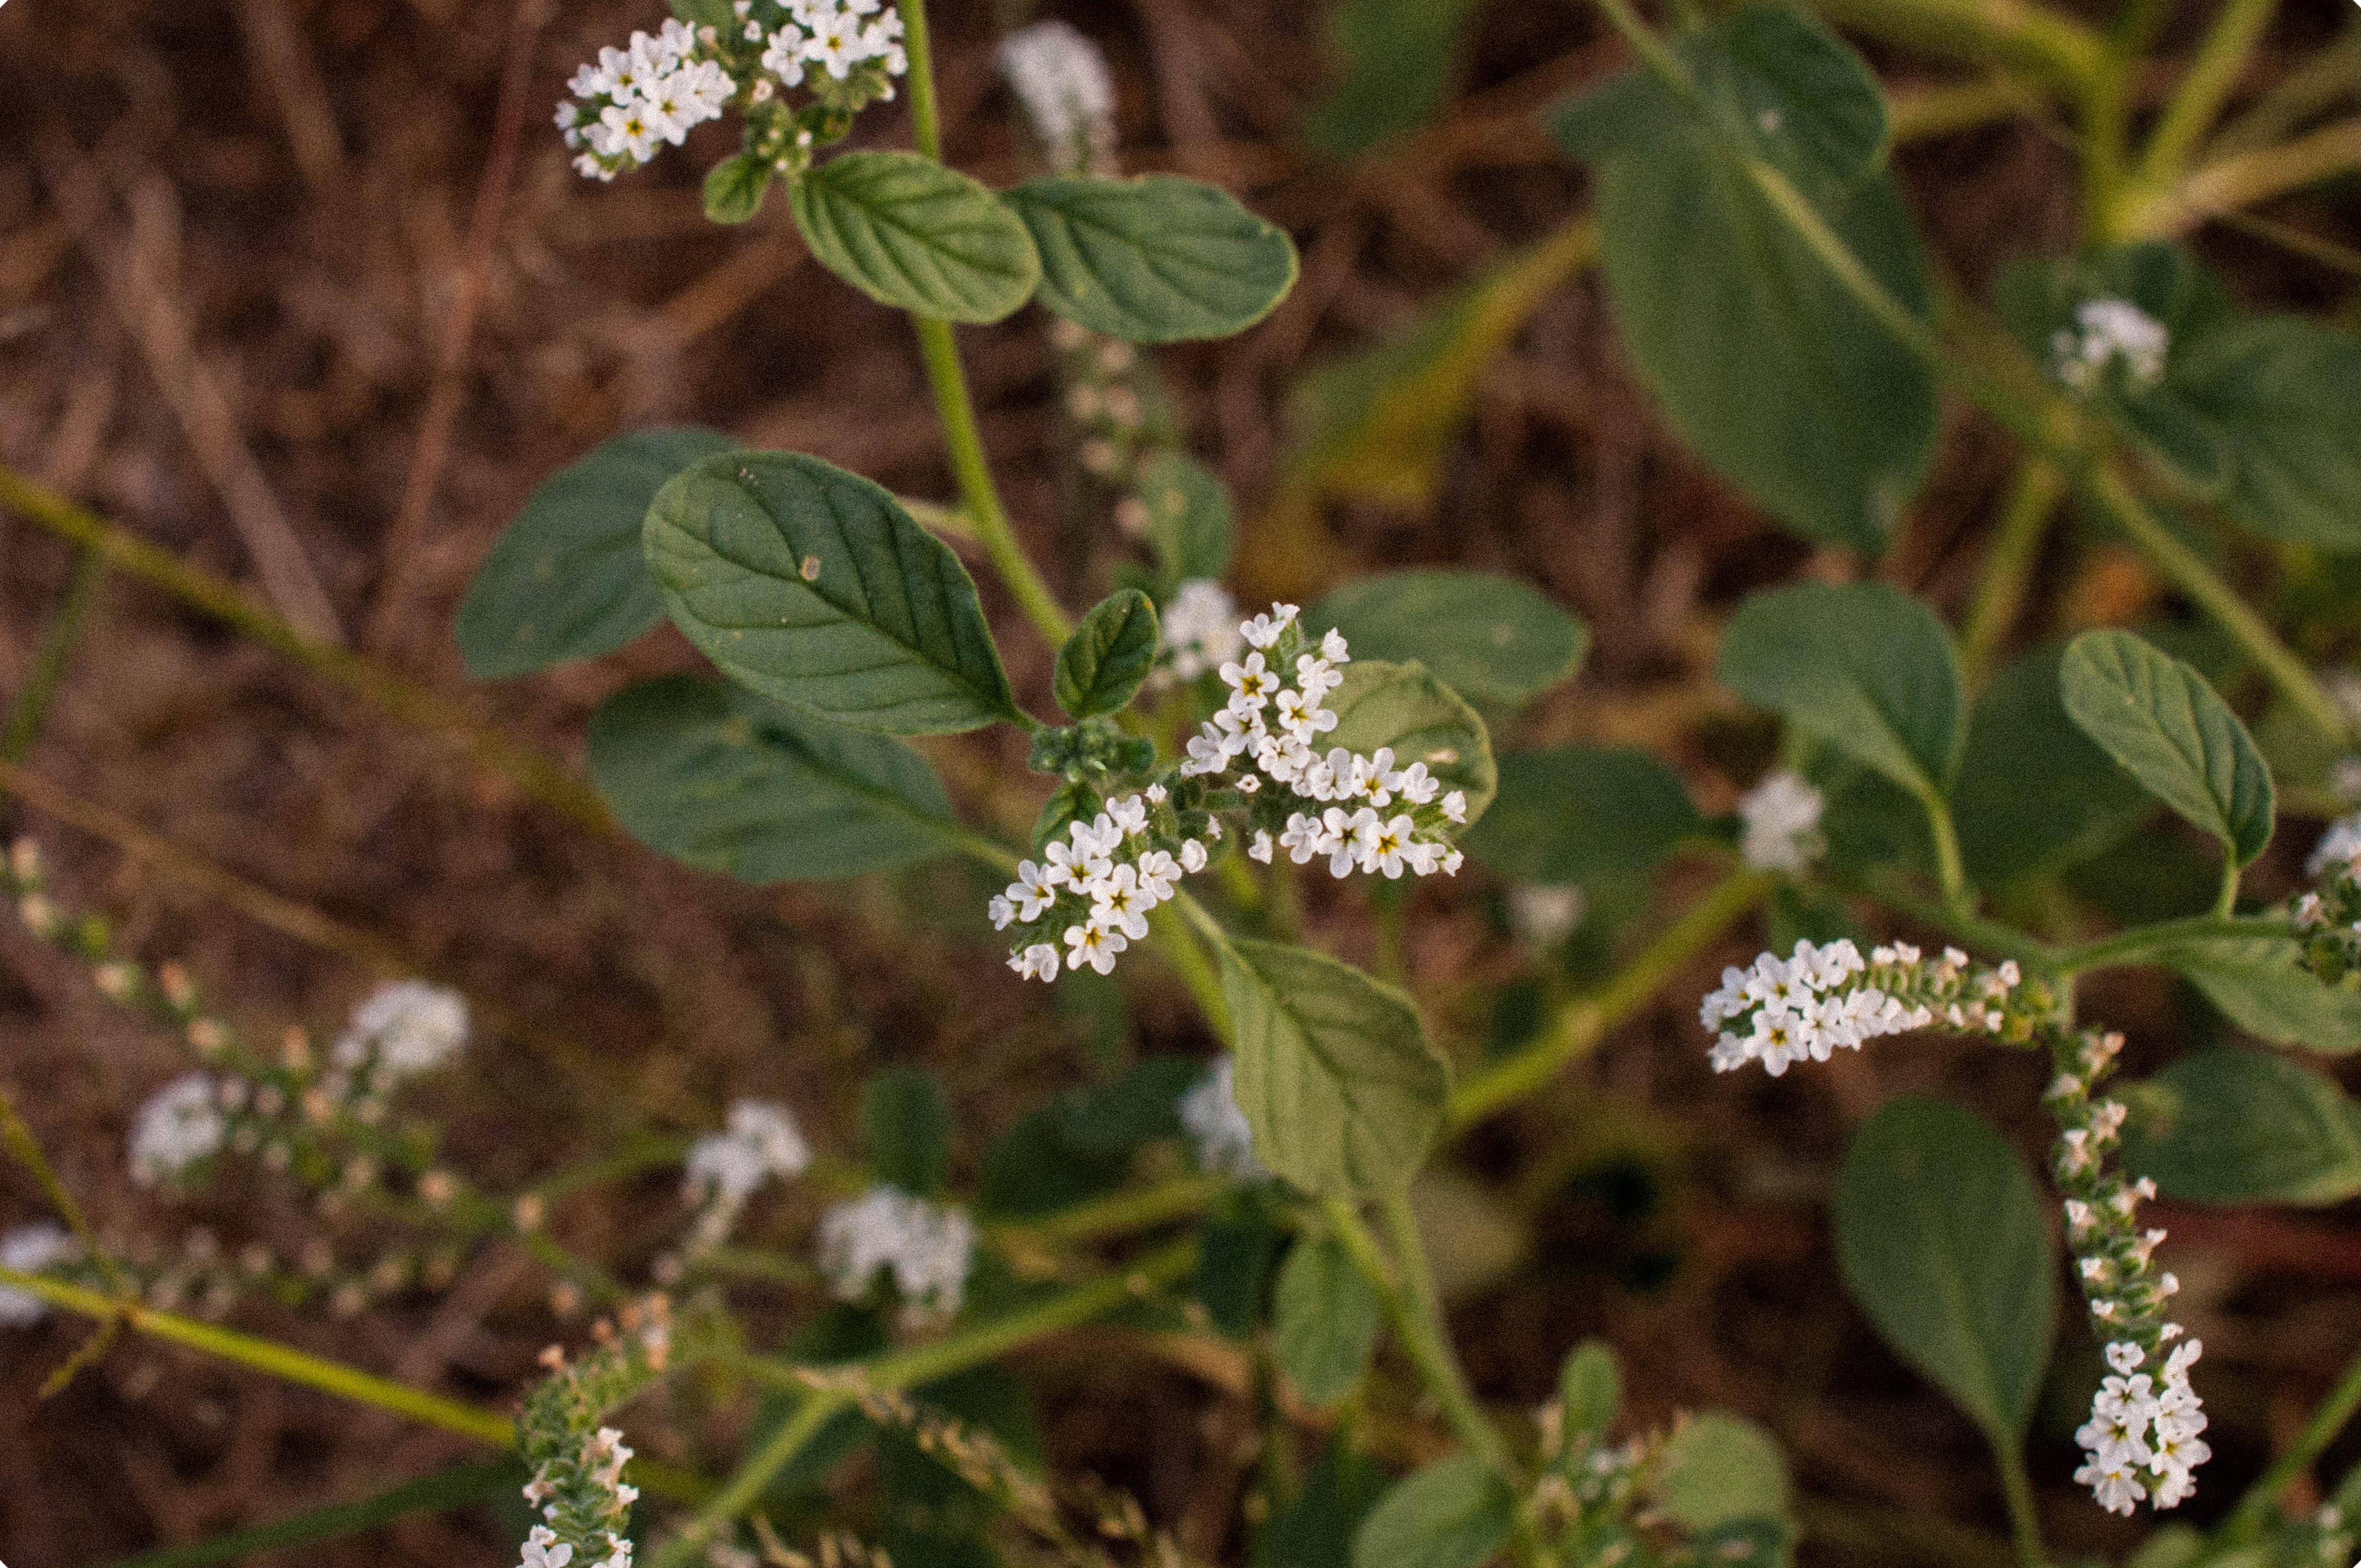 Heliotropium europaeum L. Verruguera Las Obreras de Aliste CB Artesanos de la Miel Aliste Gallegos del Campo